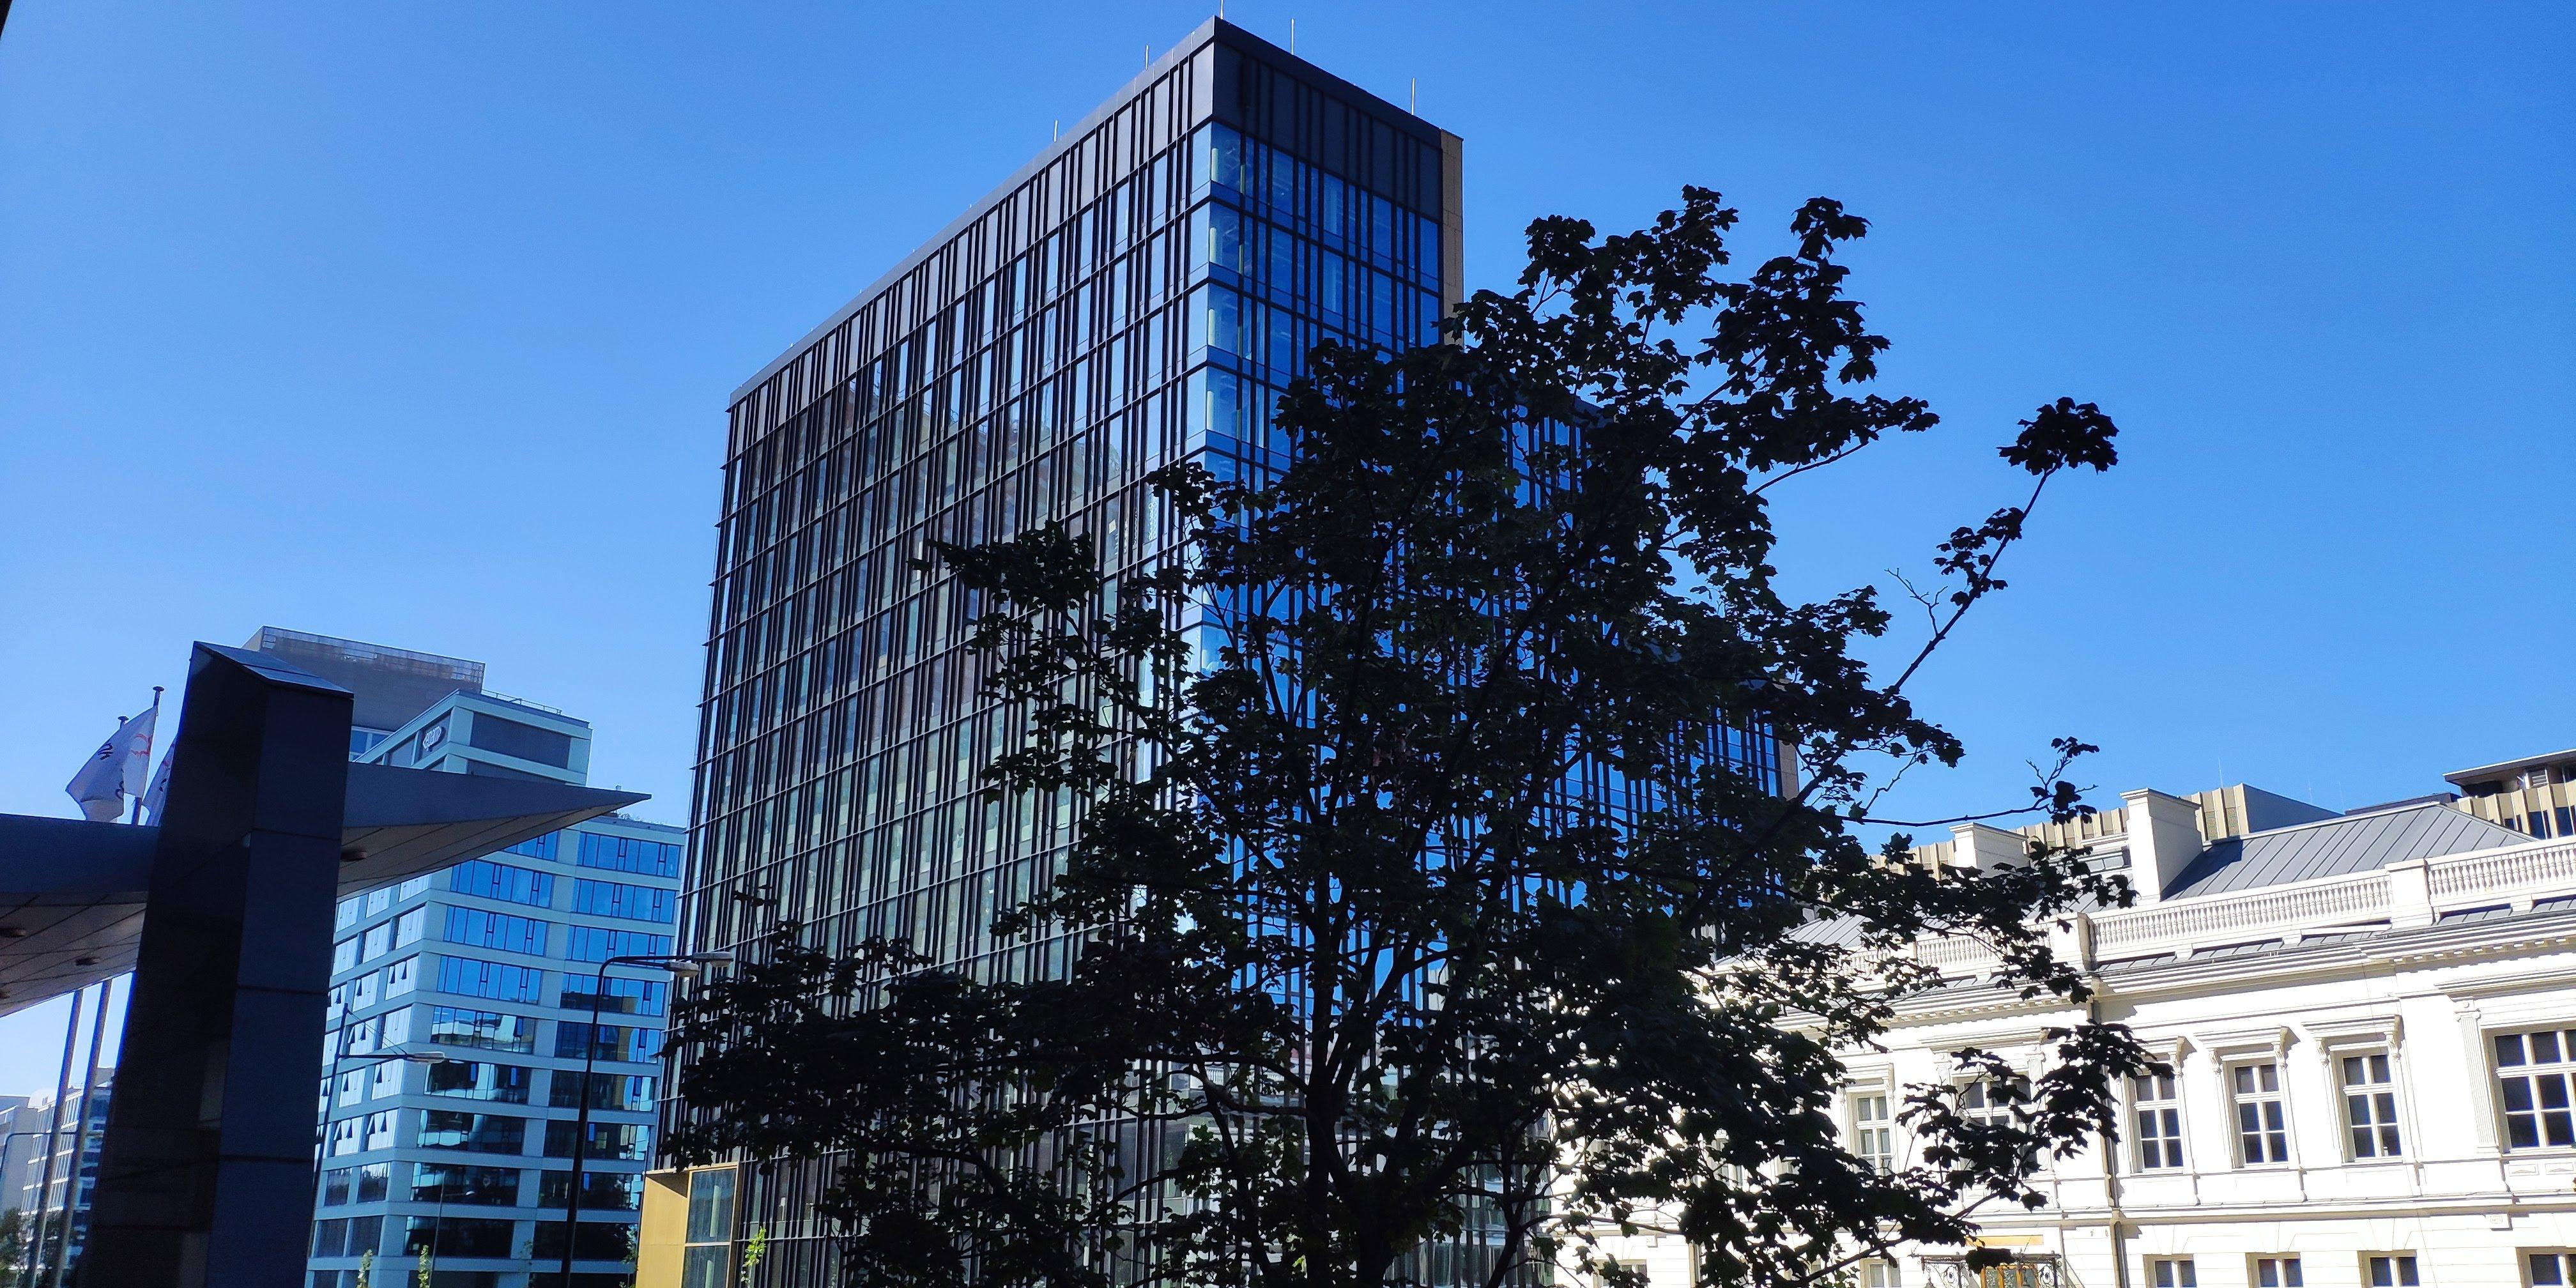 BROWARY WARSZAWSKIE | Biura przy Willi Schiele - zdjęcie 3